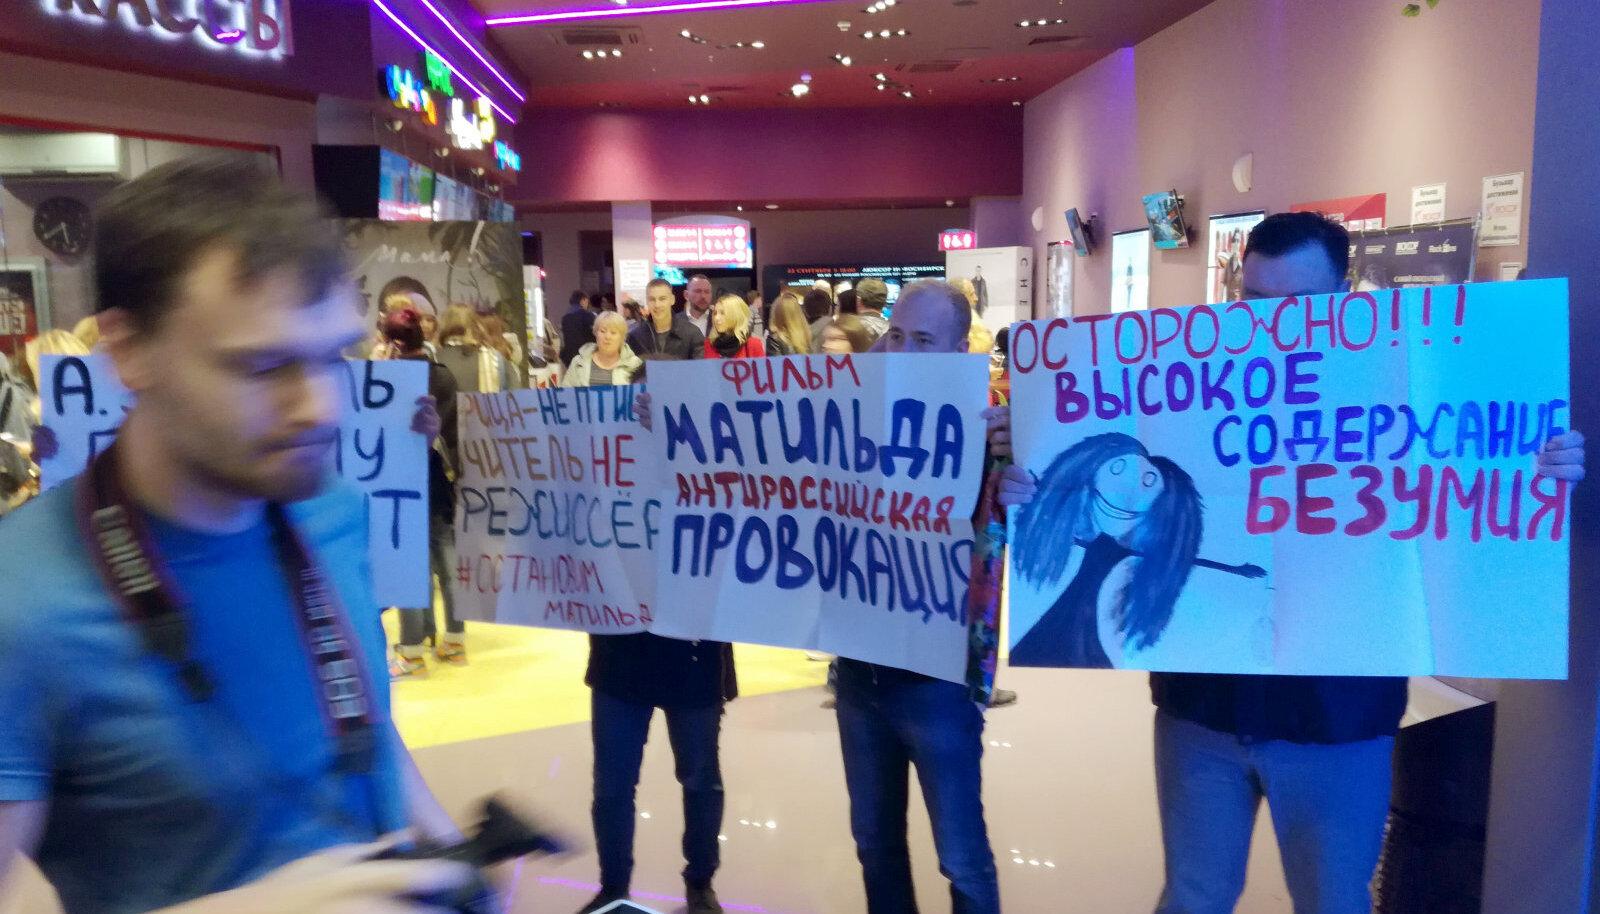 """Протест перед пред-премьерой """"Матильды"""" в Новосибирске"""